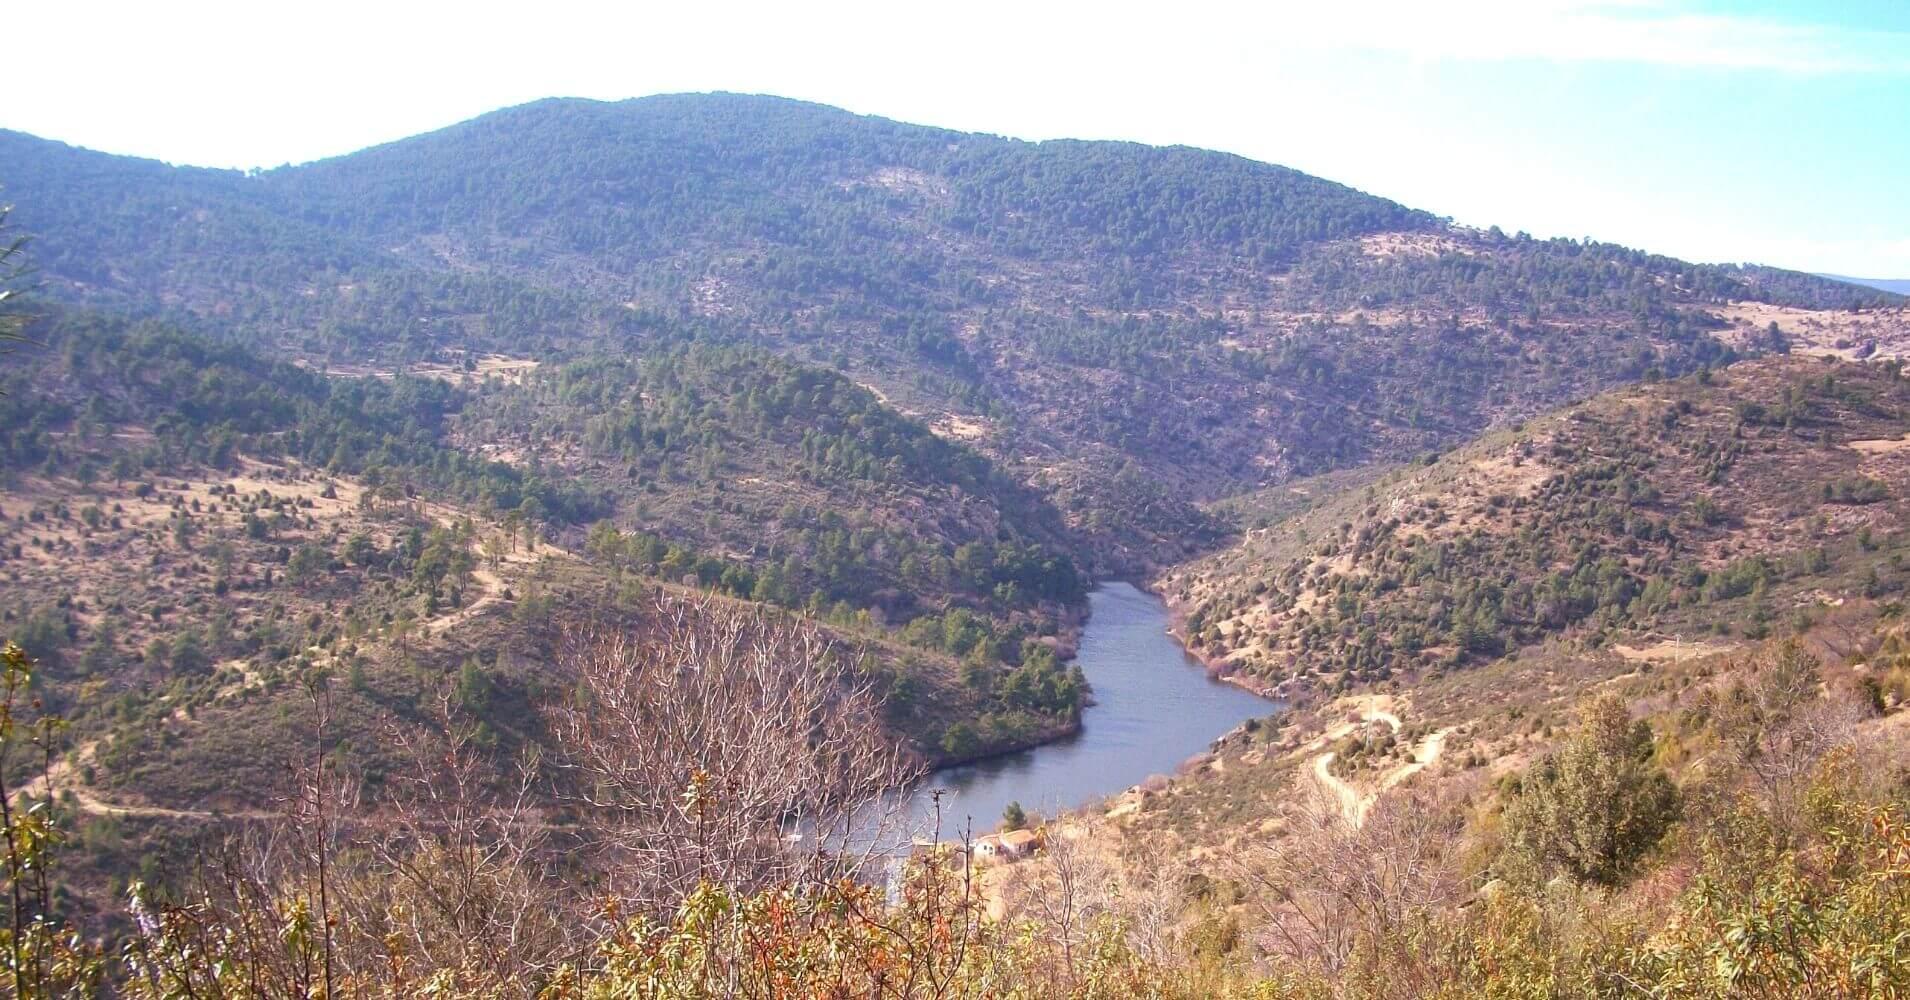 La Garganta del Río Cofio. Robledo de Chavela. Madrid.